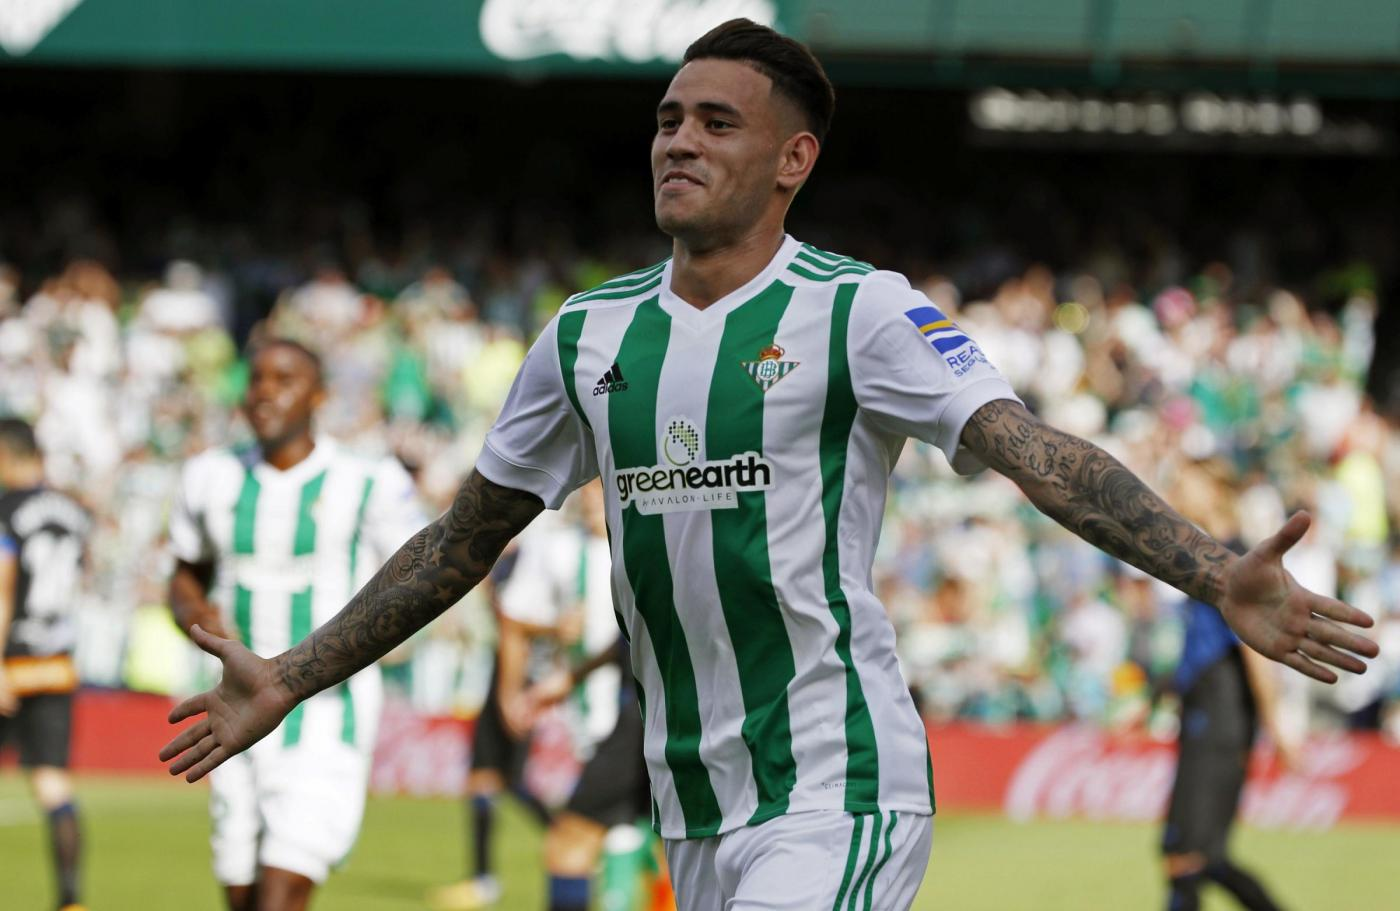 LaLiga, Betis Siviglia-Real Valladolid domenica 21 ottobre: analisi e pronostico del posticipo della nona giornata del torneo spagnolo